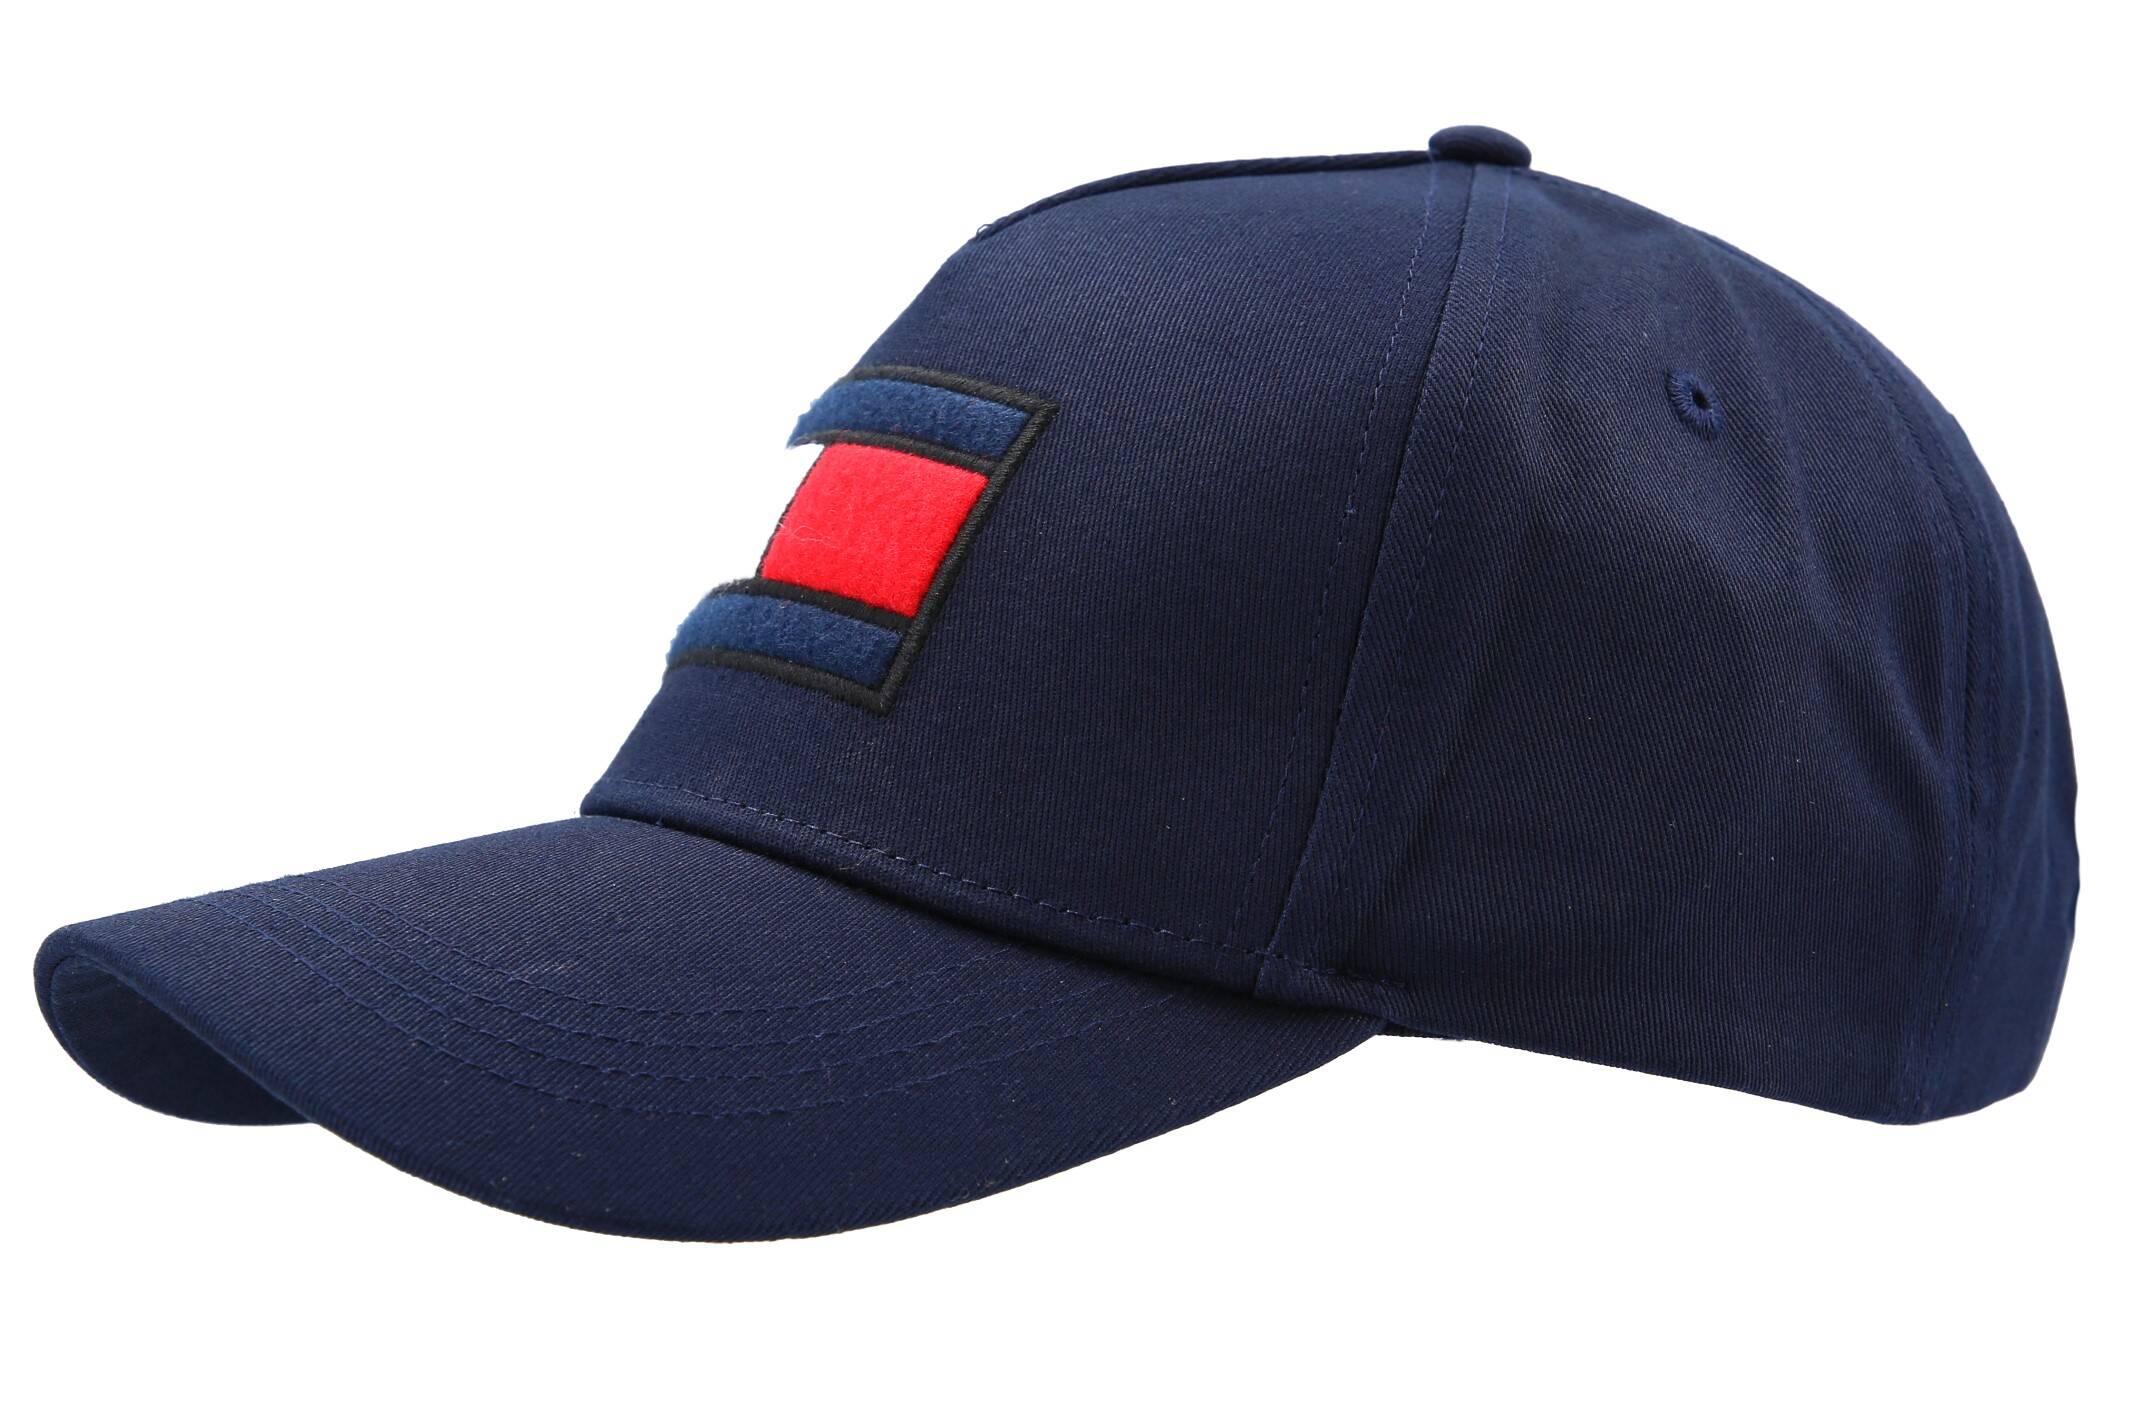 69016d635cfb2 Baseball cap Tommy Hilfiger